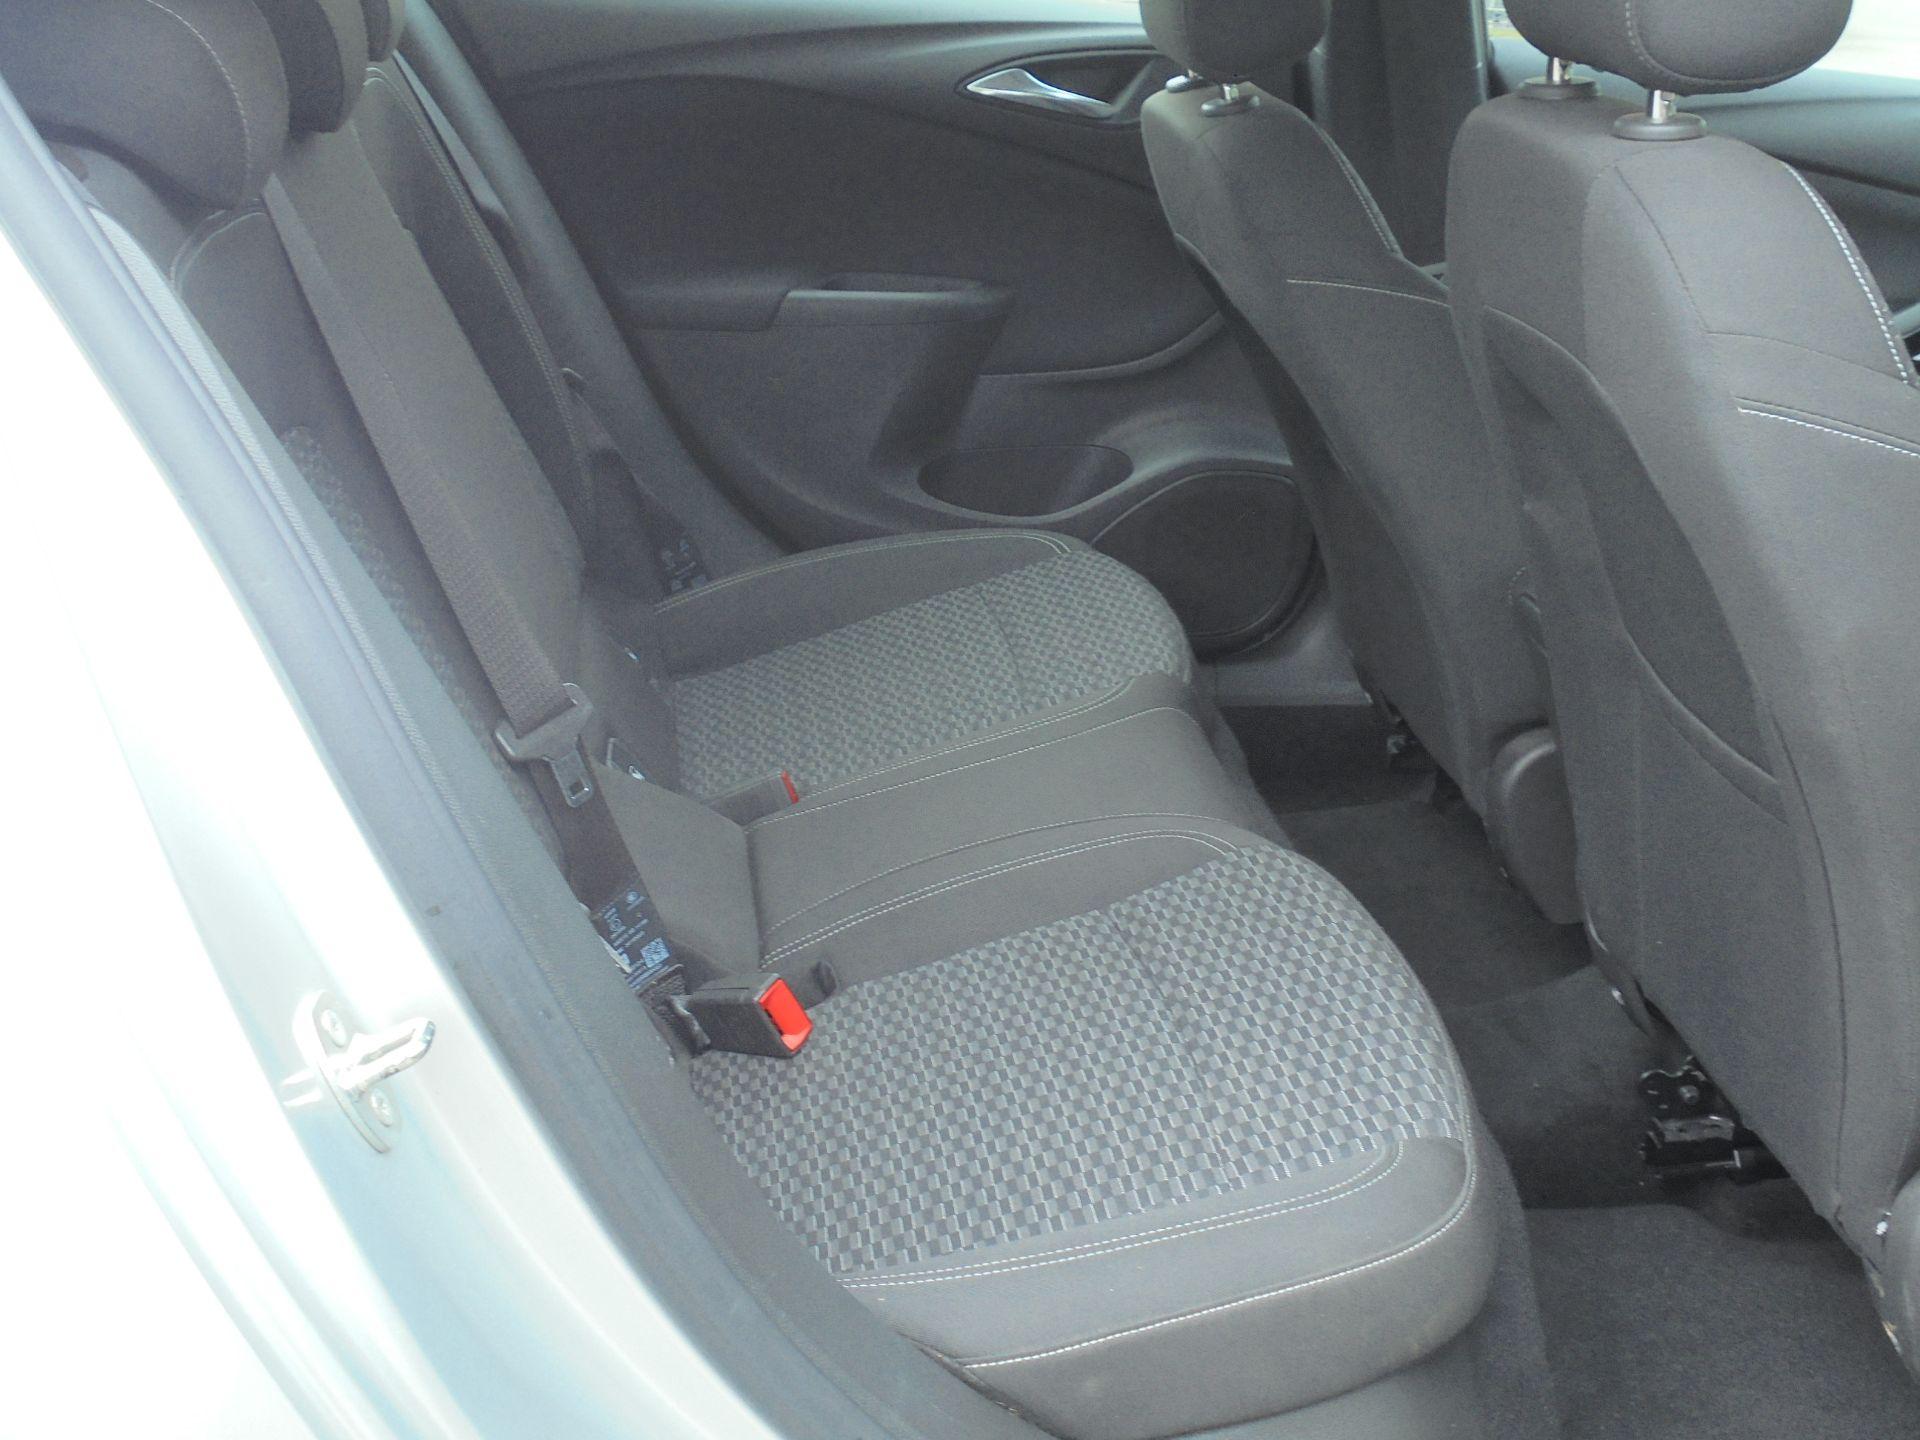 2018 Vauxhall Astra 1.6 Cdti 16V Ecoflex Sri Nav 5Dr (VE18TXA) Image 11